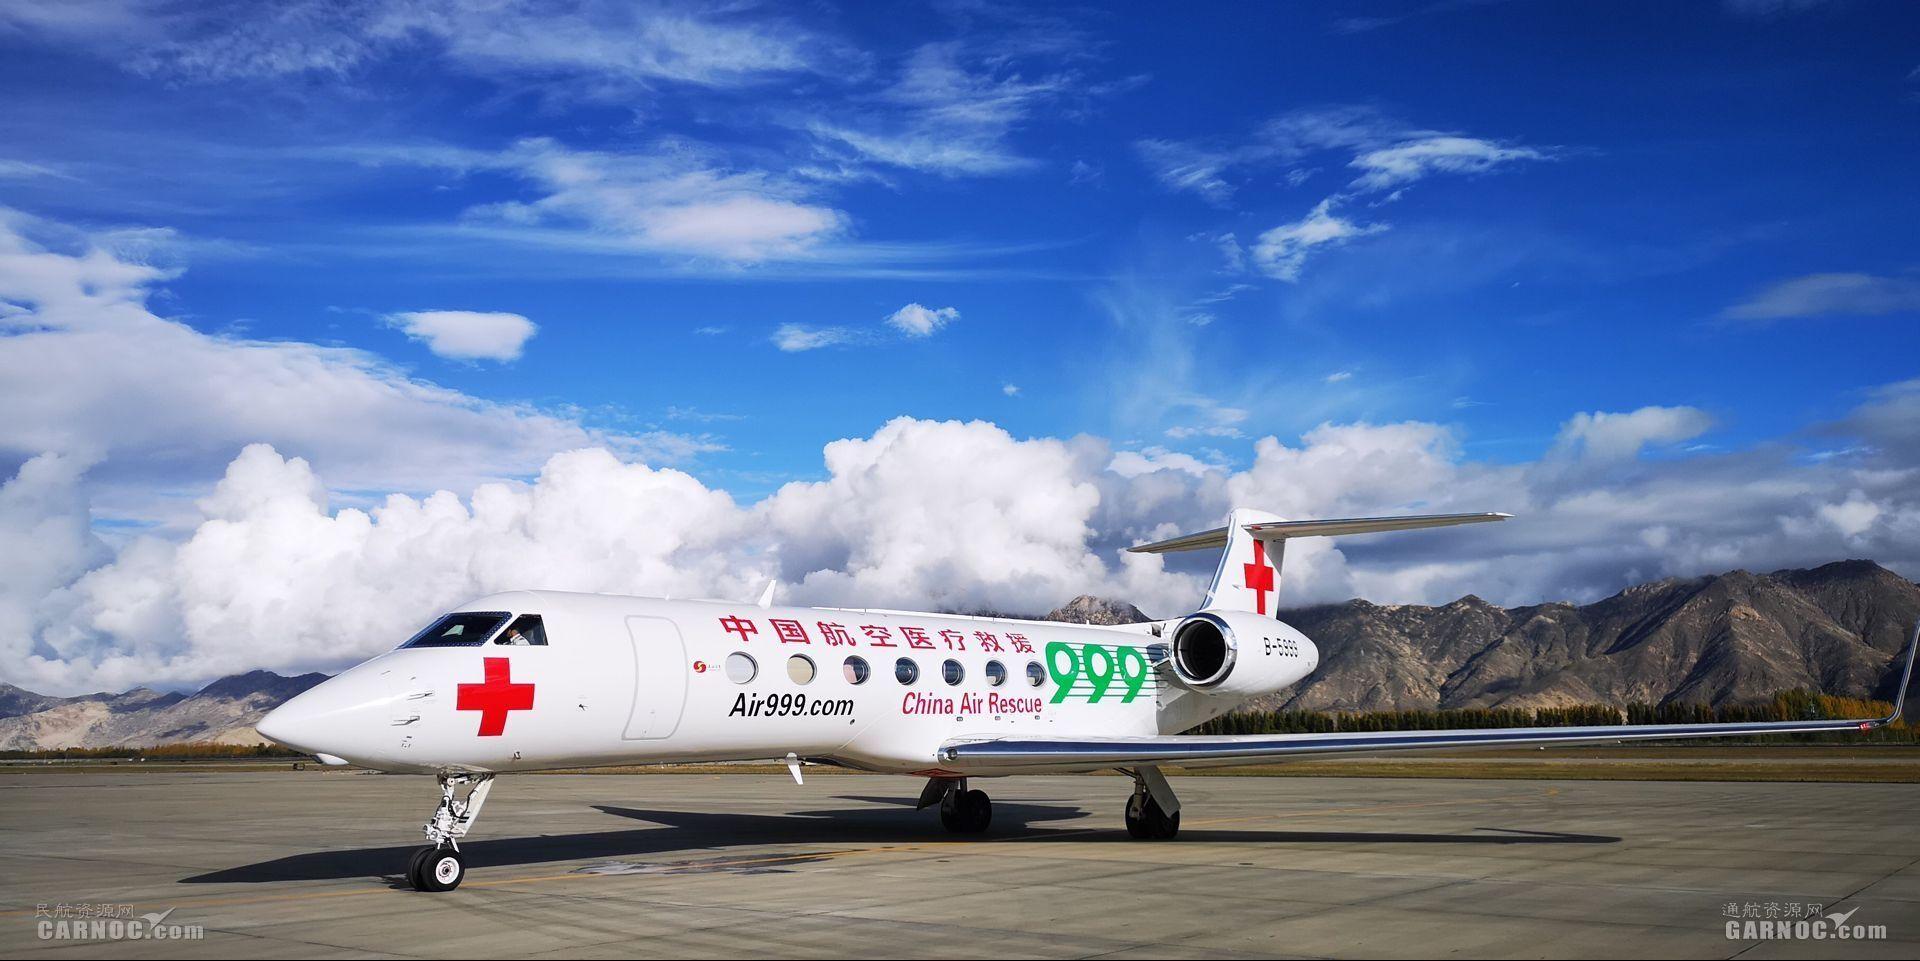 南山公务机2天内执行2次拉萨航空医疗转运任务